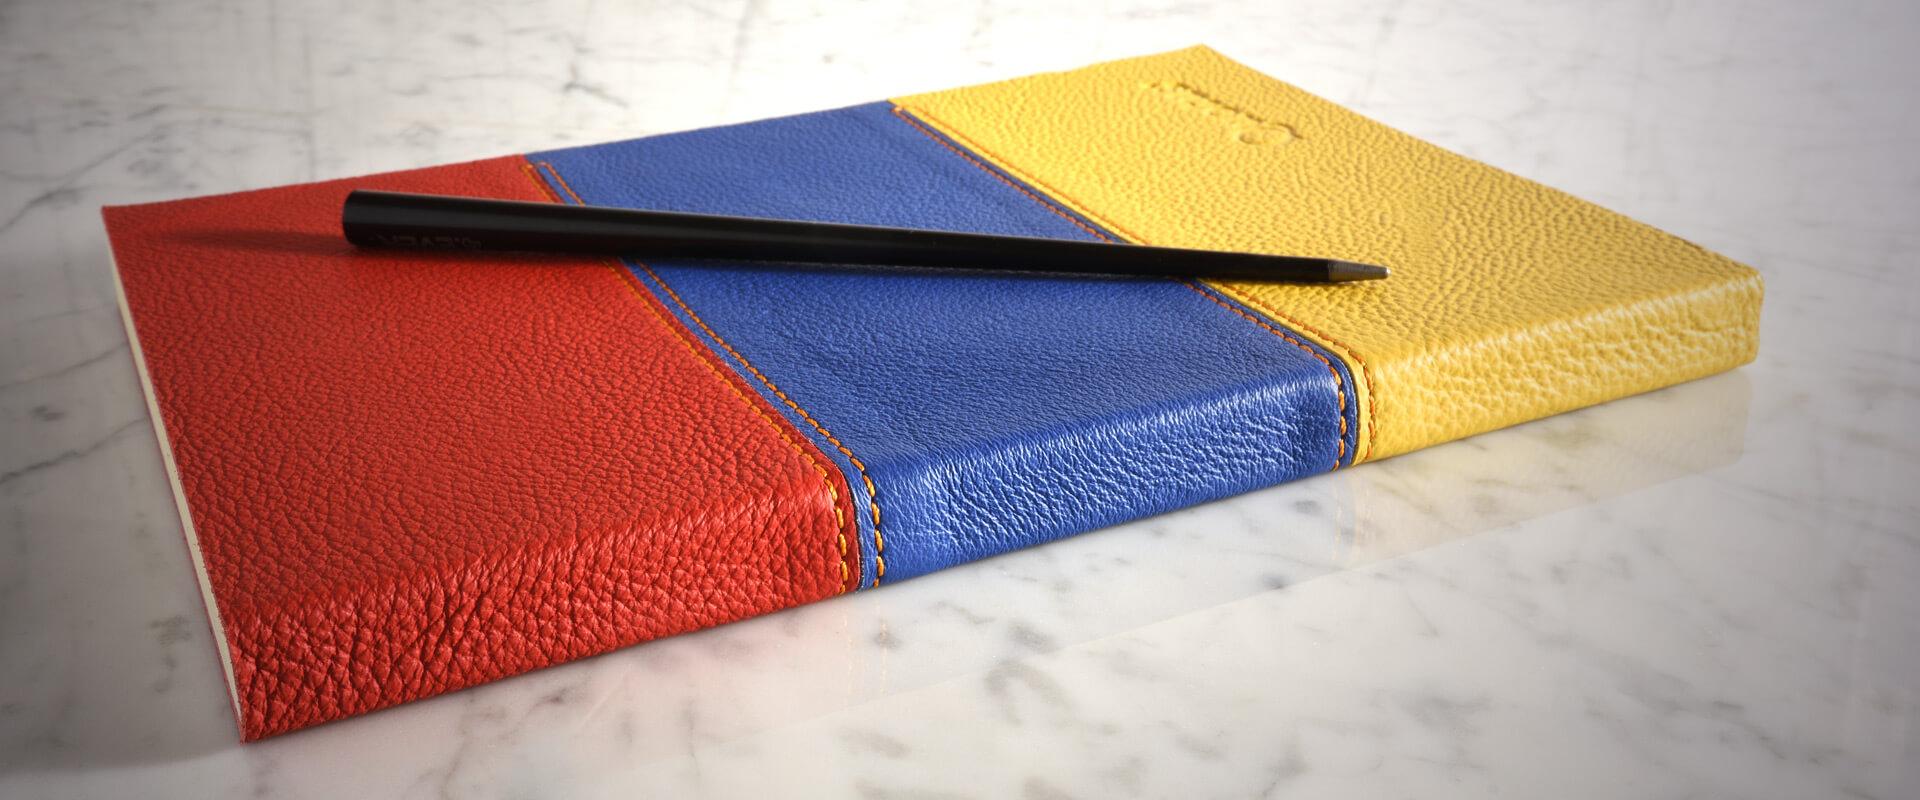 Quaderno copertina in pelle - rilegato a mano - personalizzabile